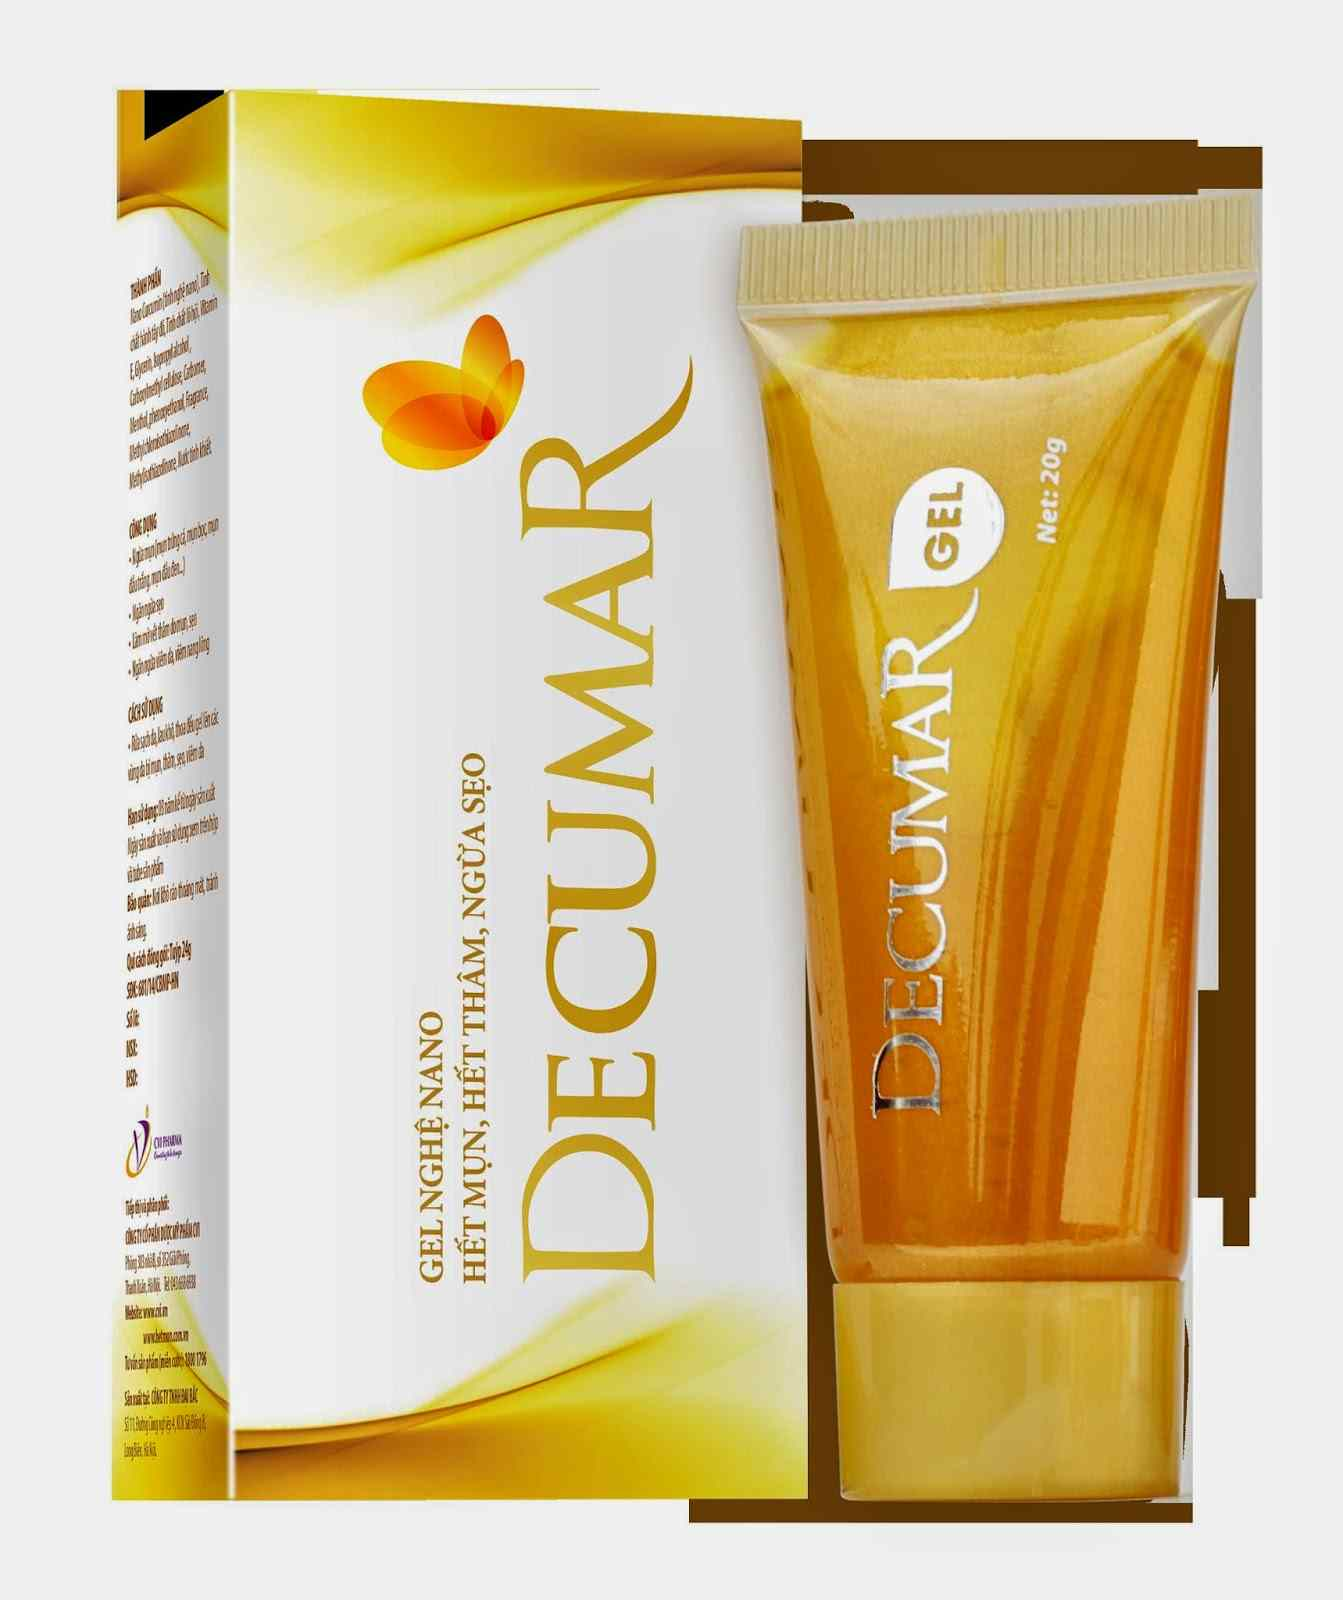 Sản phẩm Decumar trị mụn có tốt không